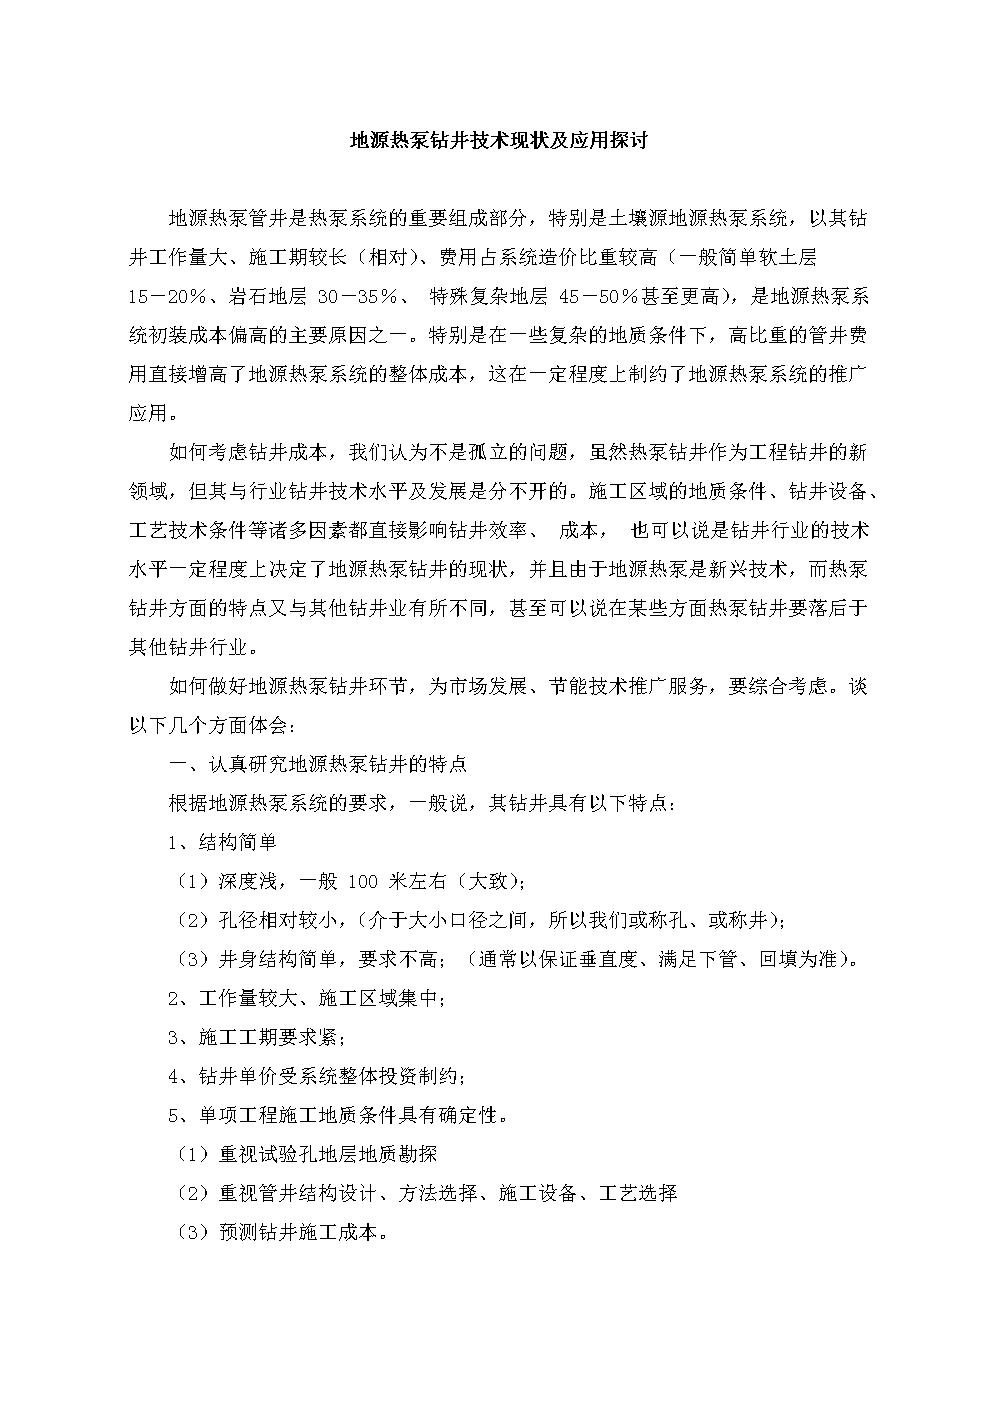 地源热泵钻井技术现状及应用探讨.doc